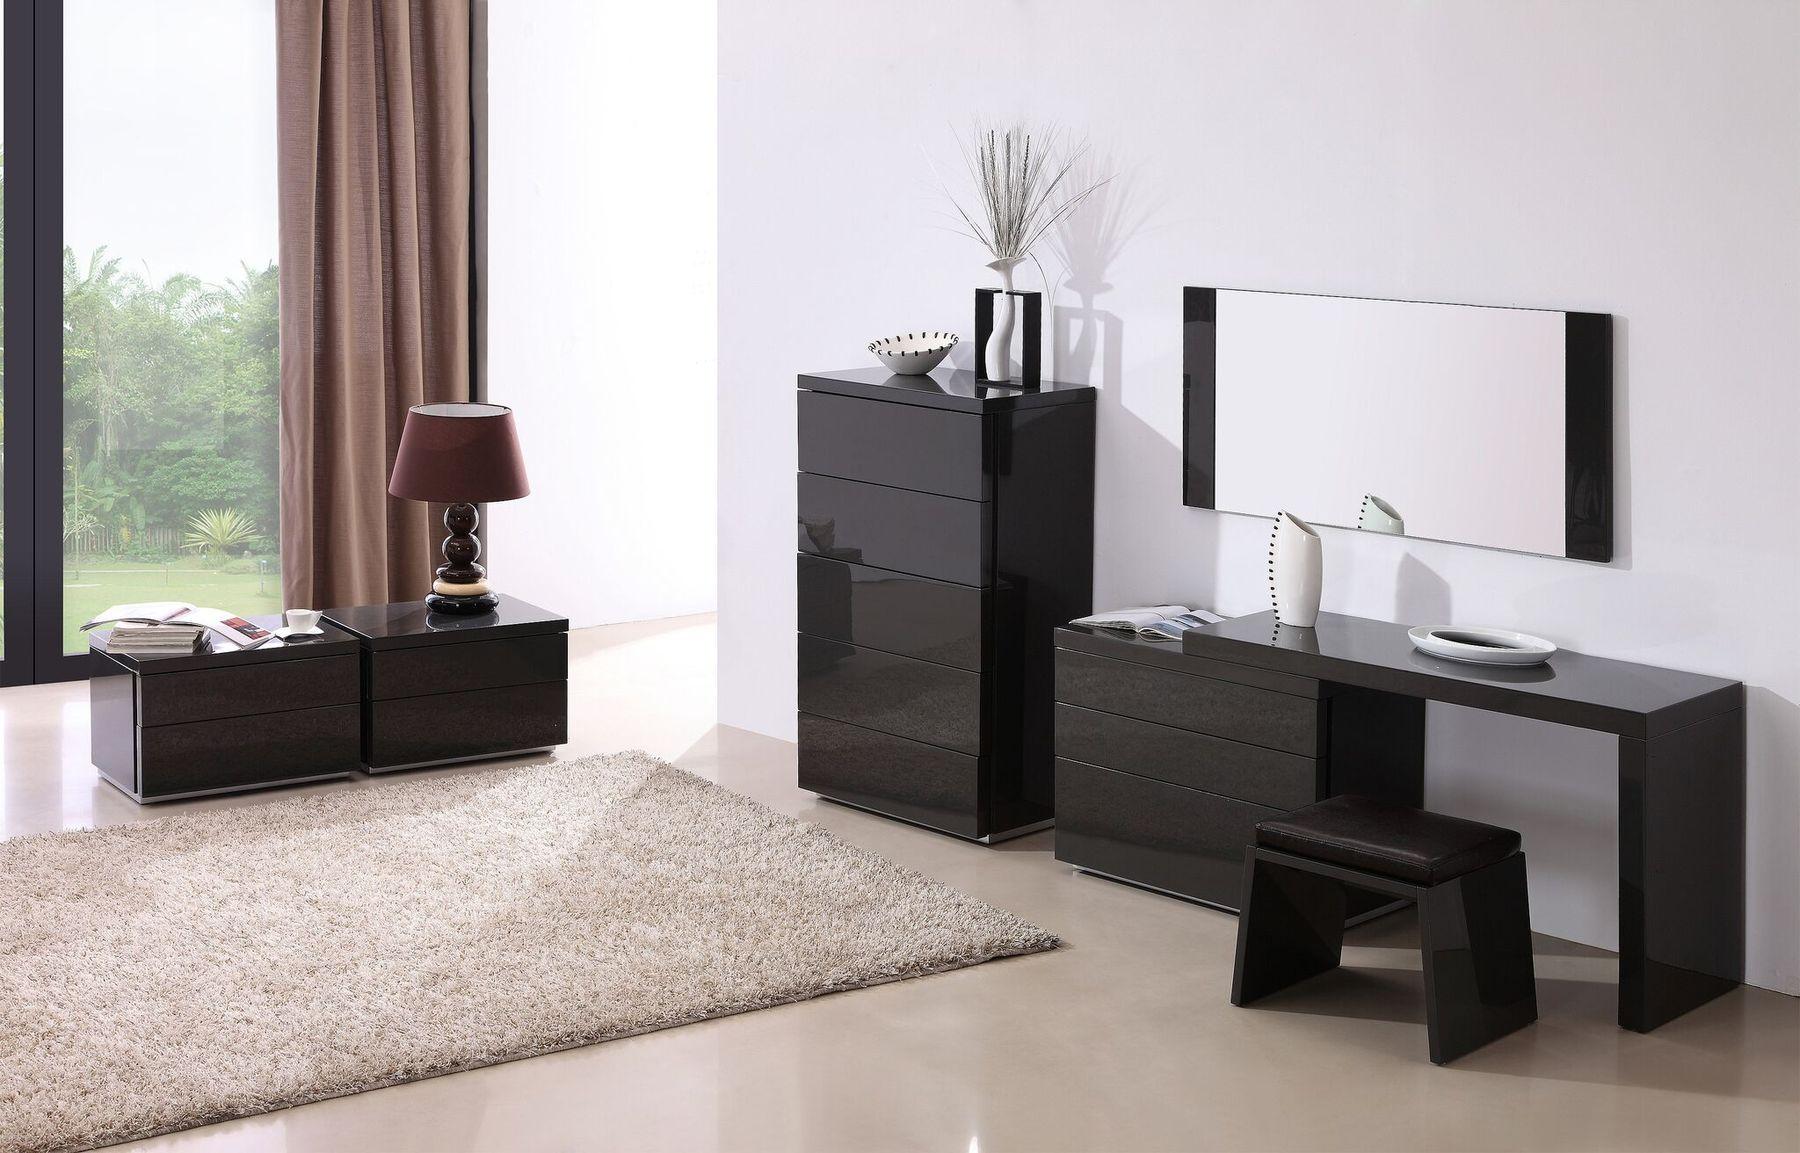 modernes schlafzimmer eitelkeit schlafzimmer - Schlafzimmer Eitelkeit Ideen